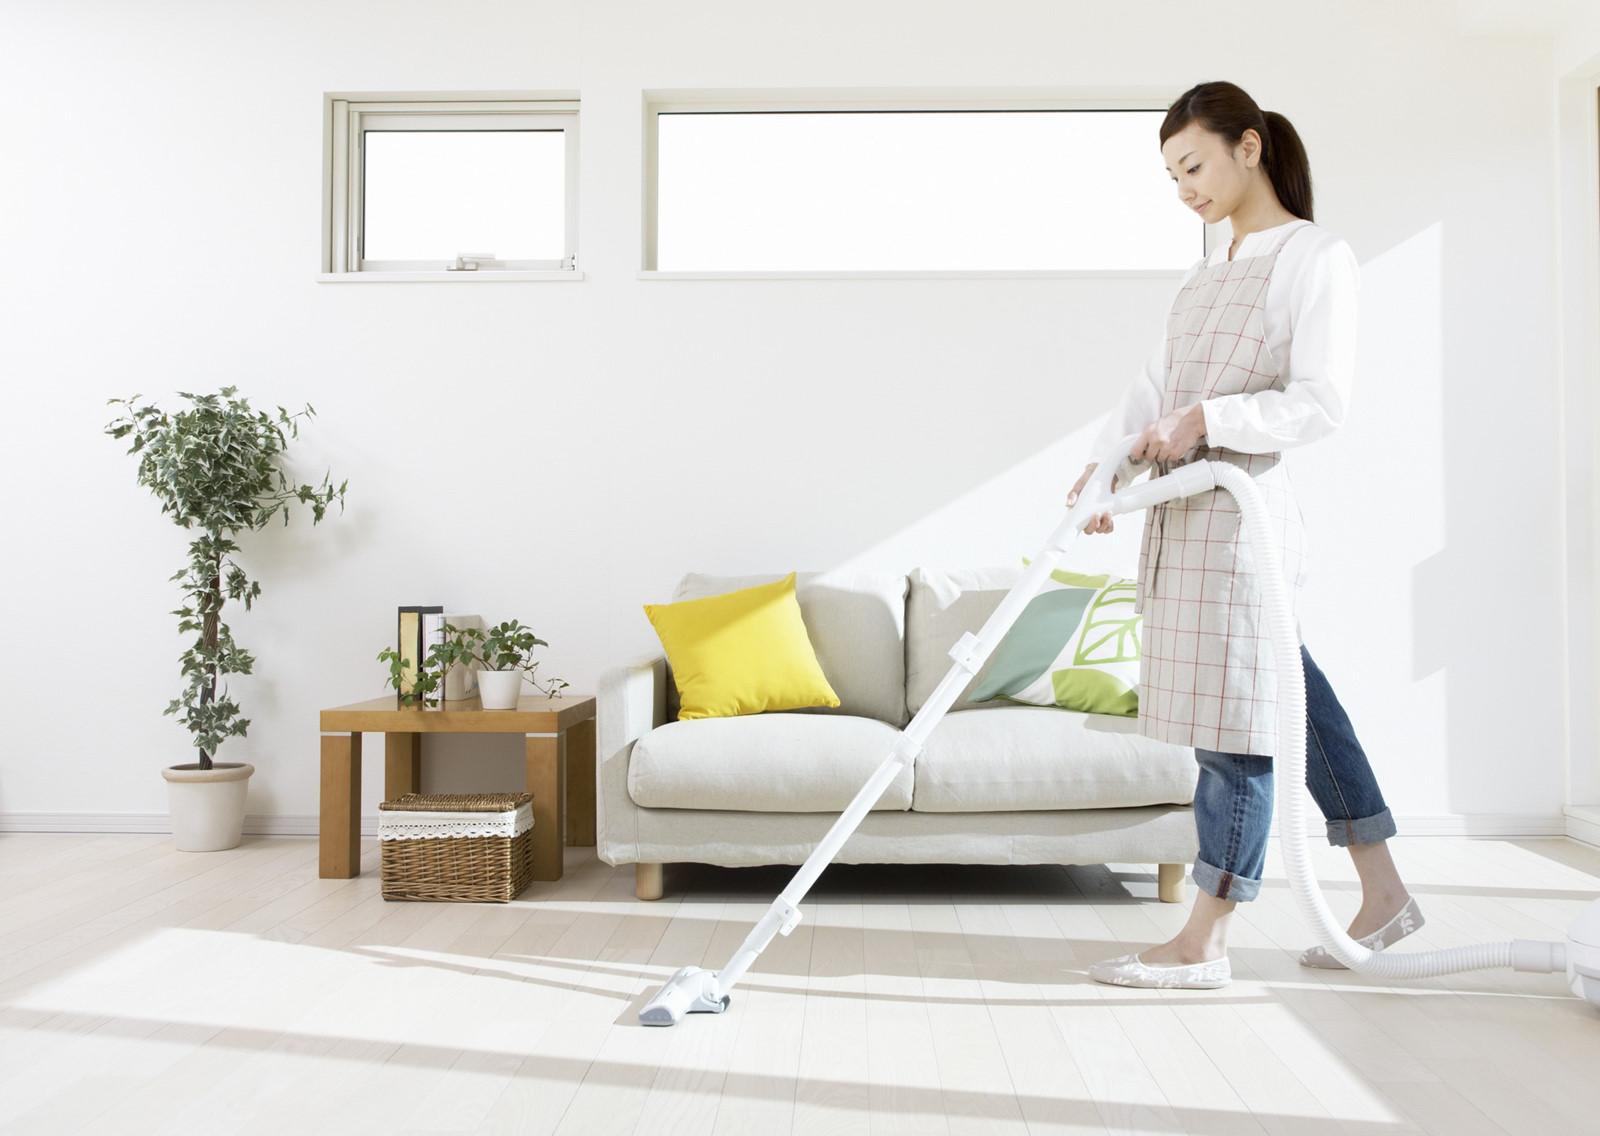 Vệ sinh, lau dọn các bề mặt nội thất, phòng ngừa corona